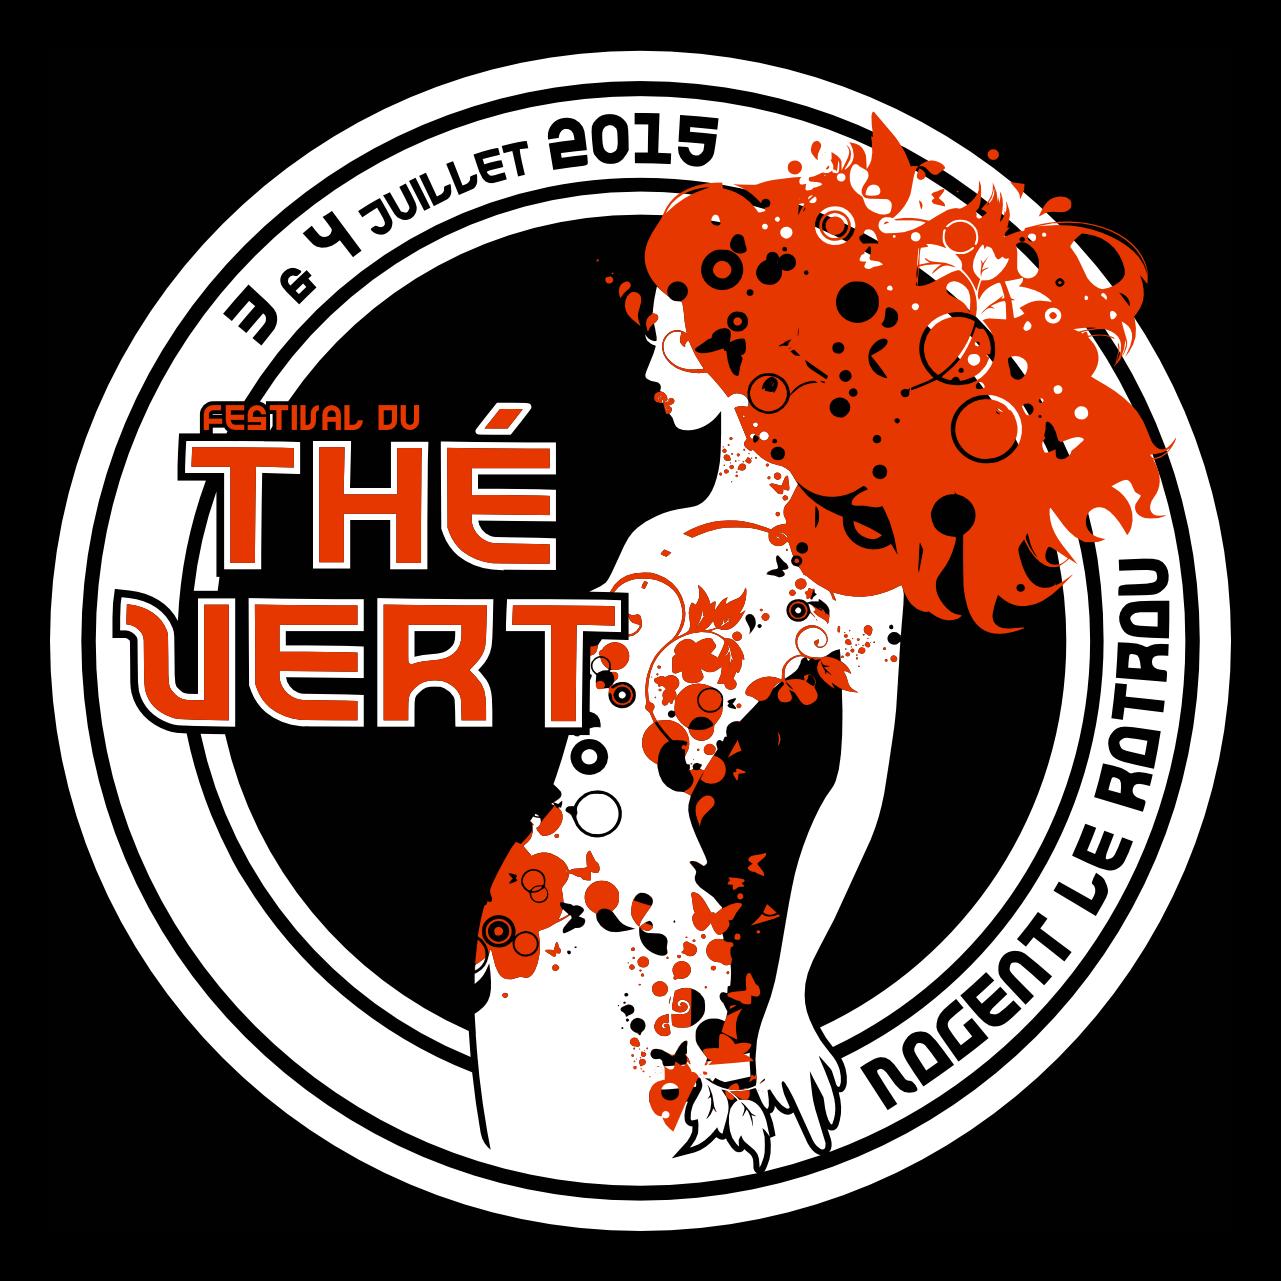 Festival du Thé Vert 2015 - T-Shirt avant